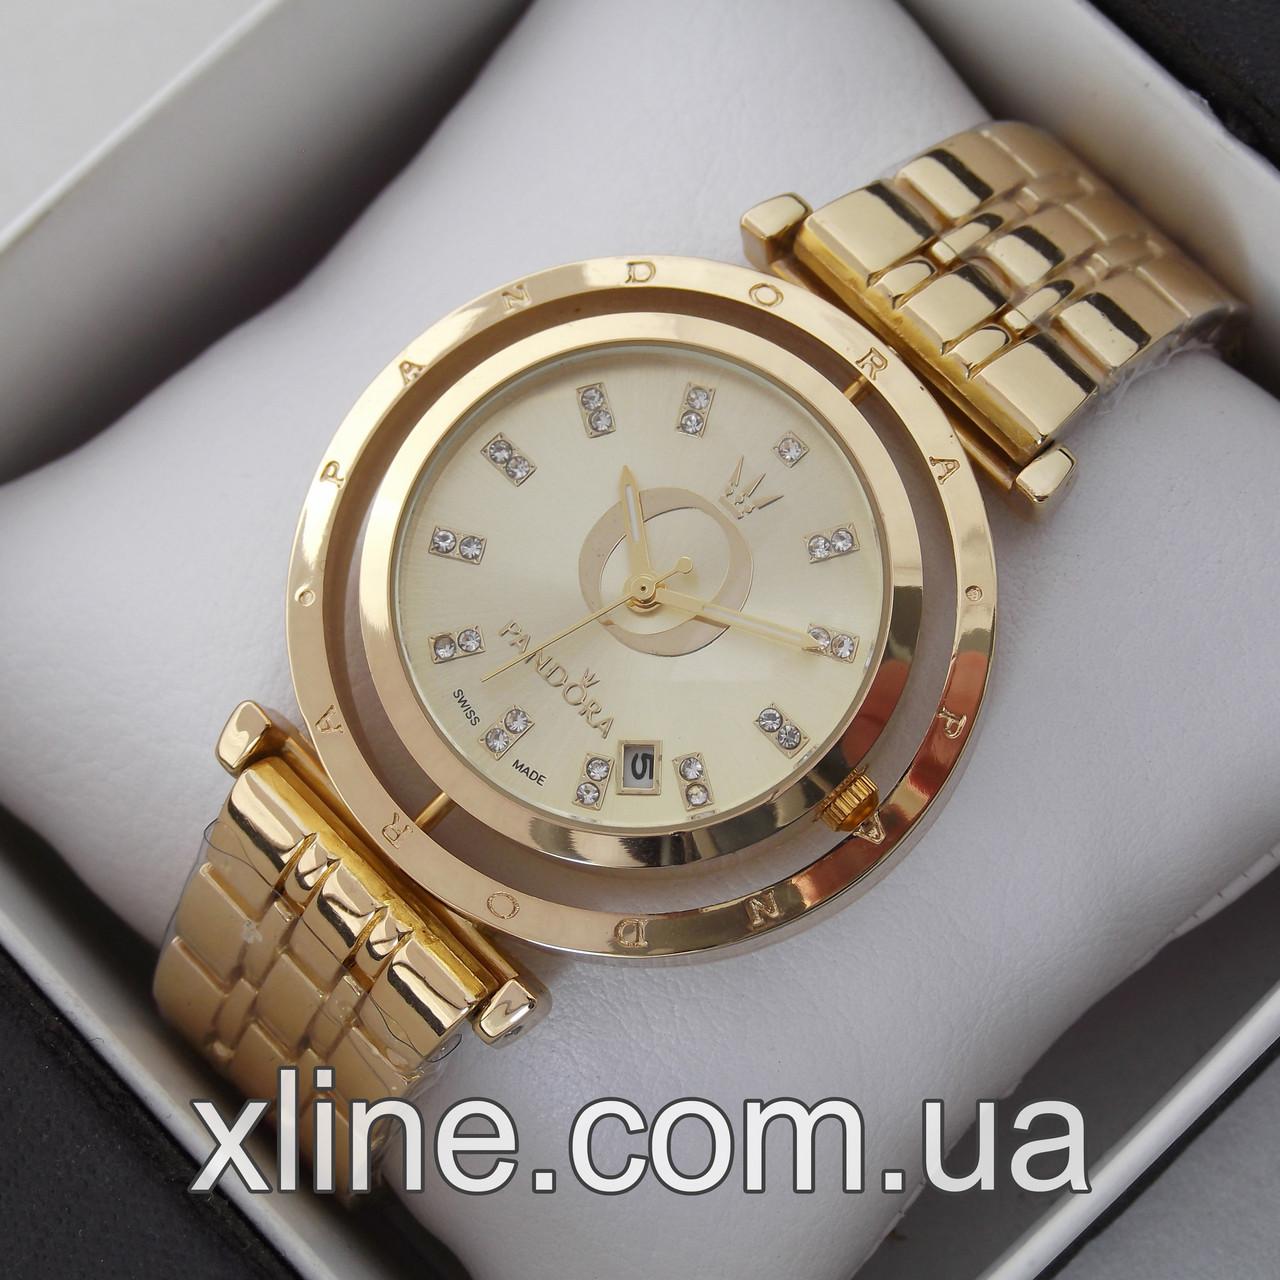 Женские наручные часы Pandora A178 на металлическом браслете